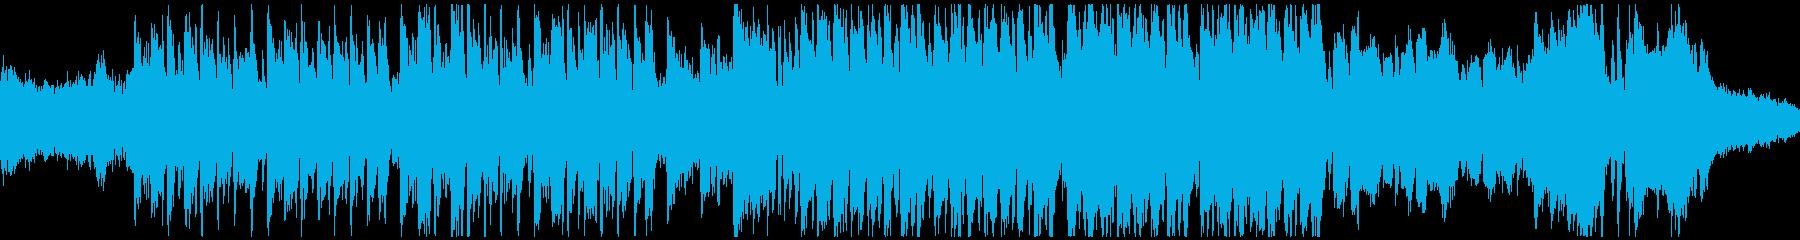 怪しいメルヘン曲・バイオリン(ループ)の再生済みの波形